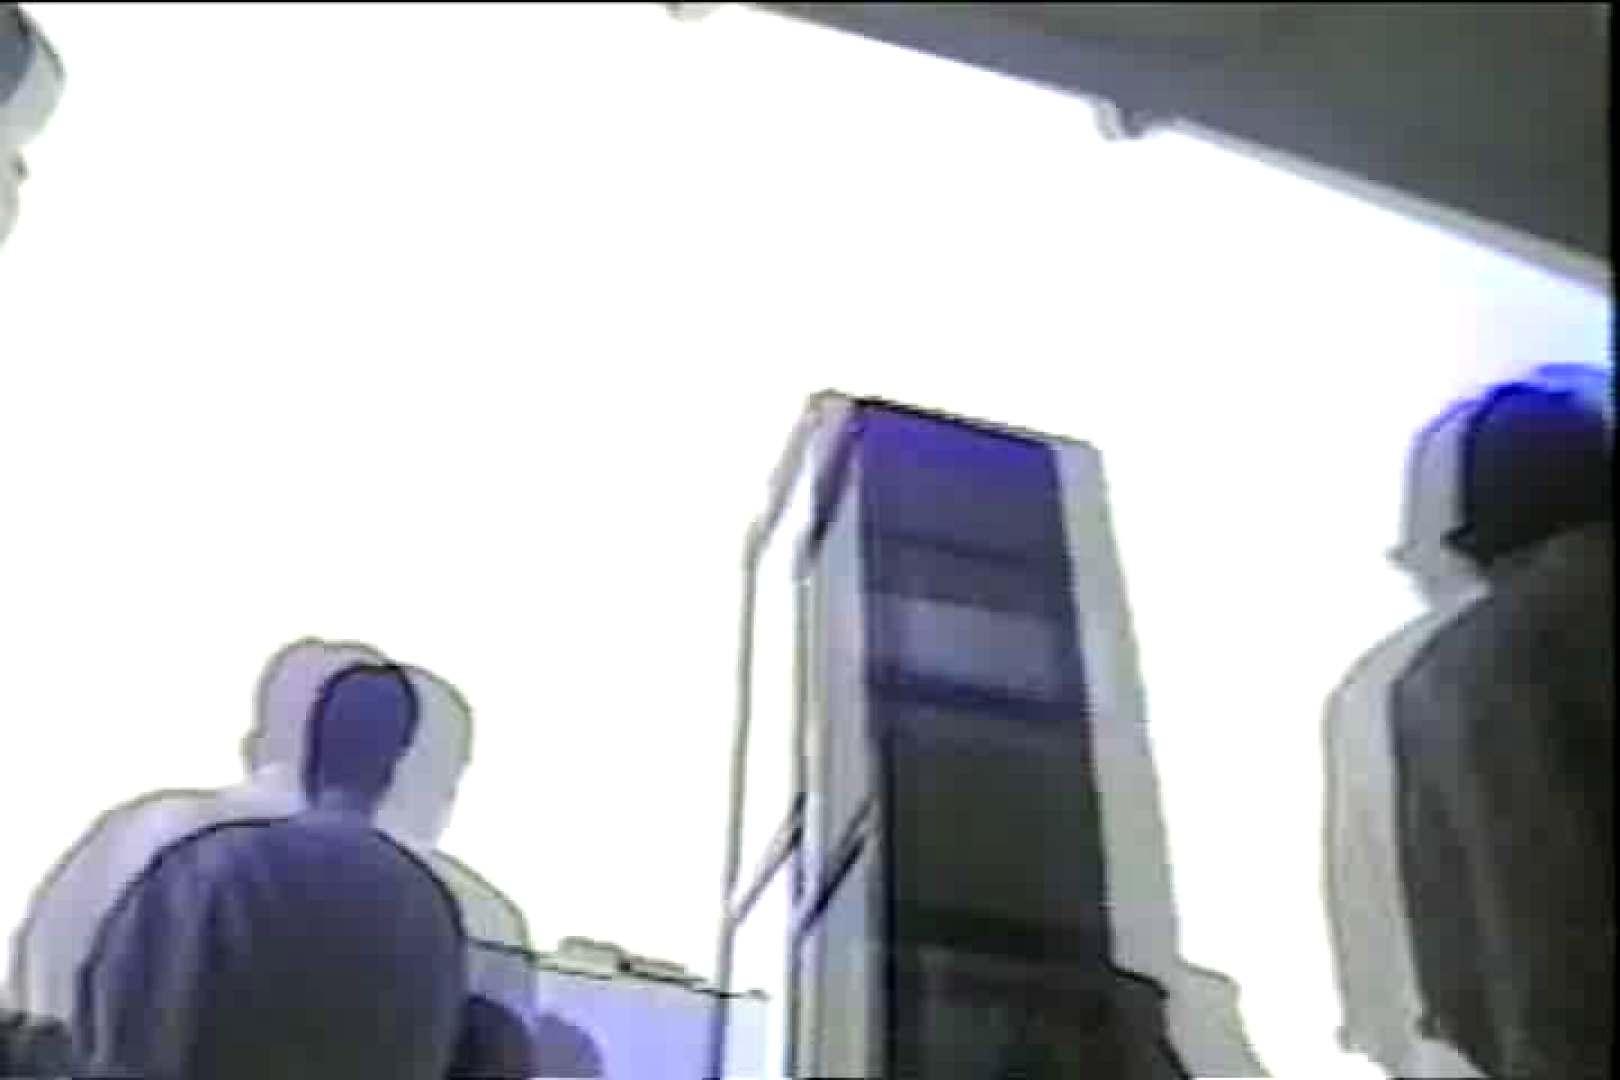 関西発!タツヤのDV直撮り大追跡Vol.1 OLエロ画像 | 追跡  109PICs 71